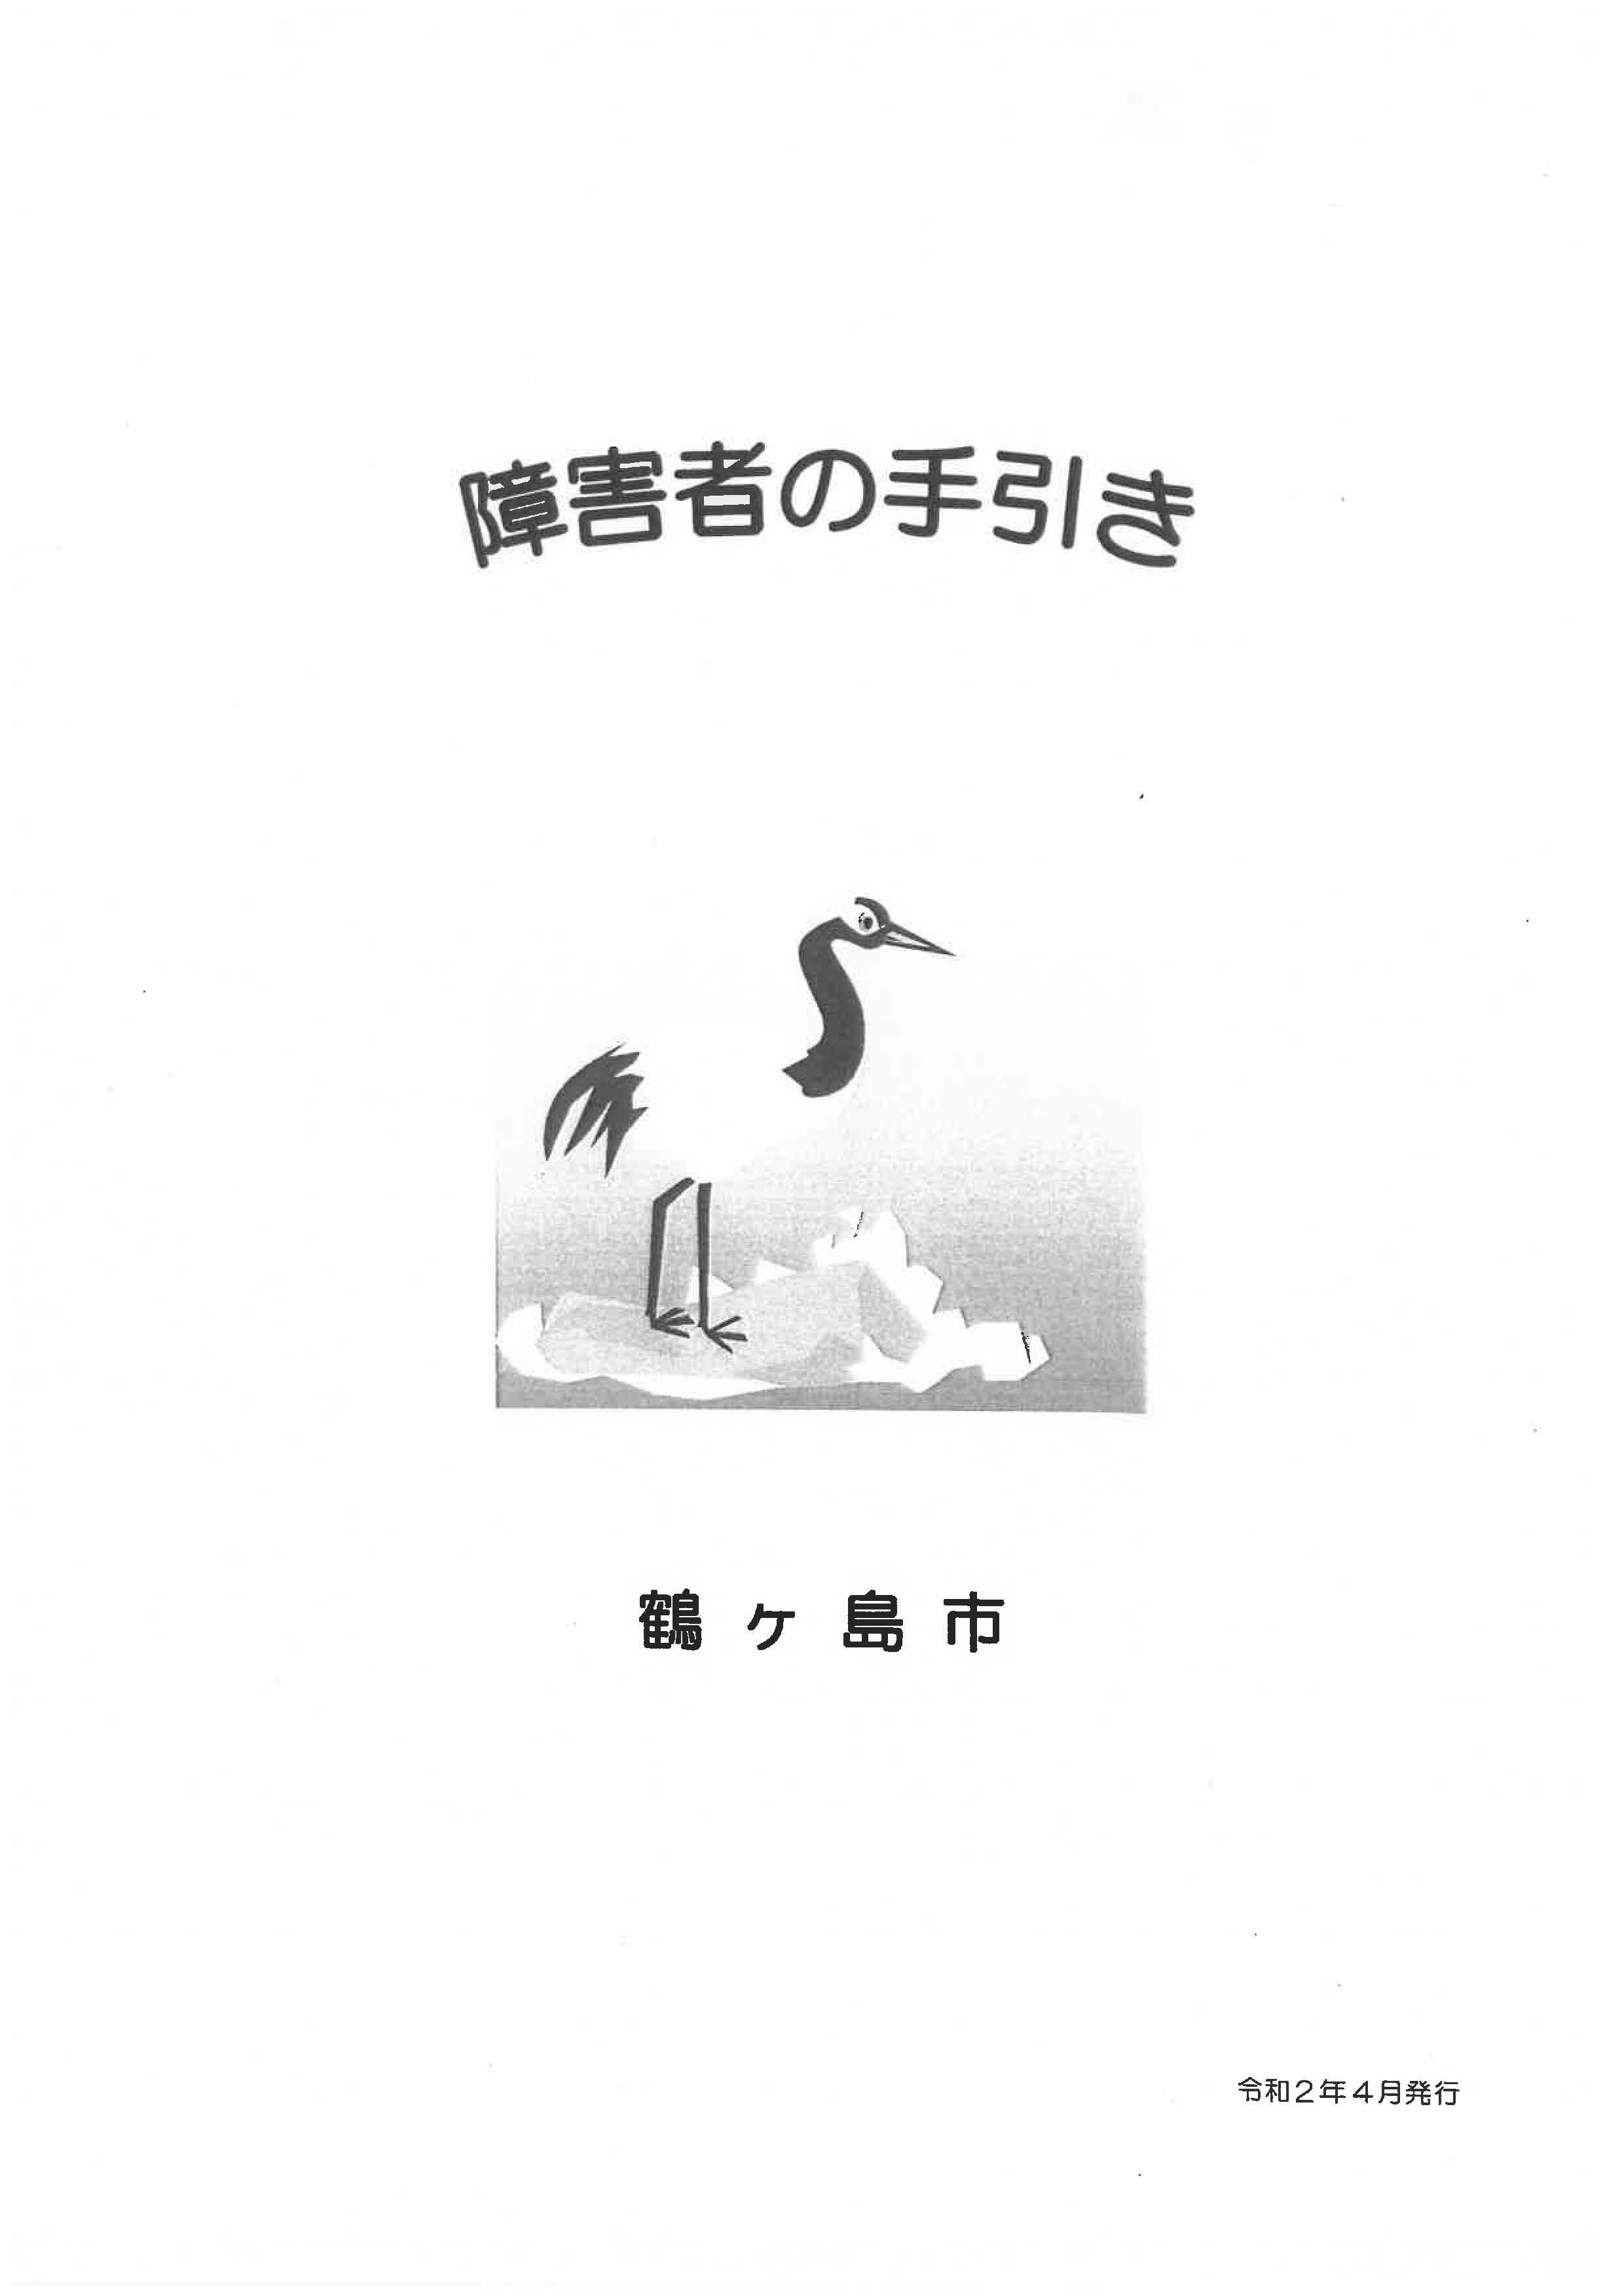 『障害者の手引き(令和2年度)』の画像